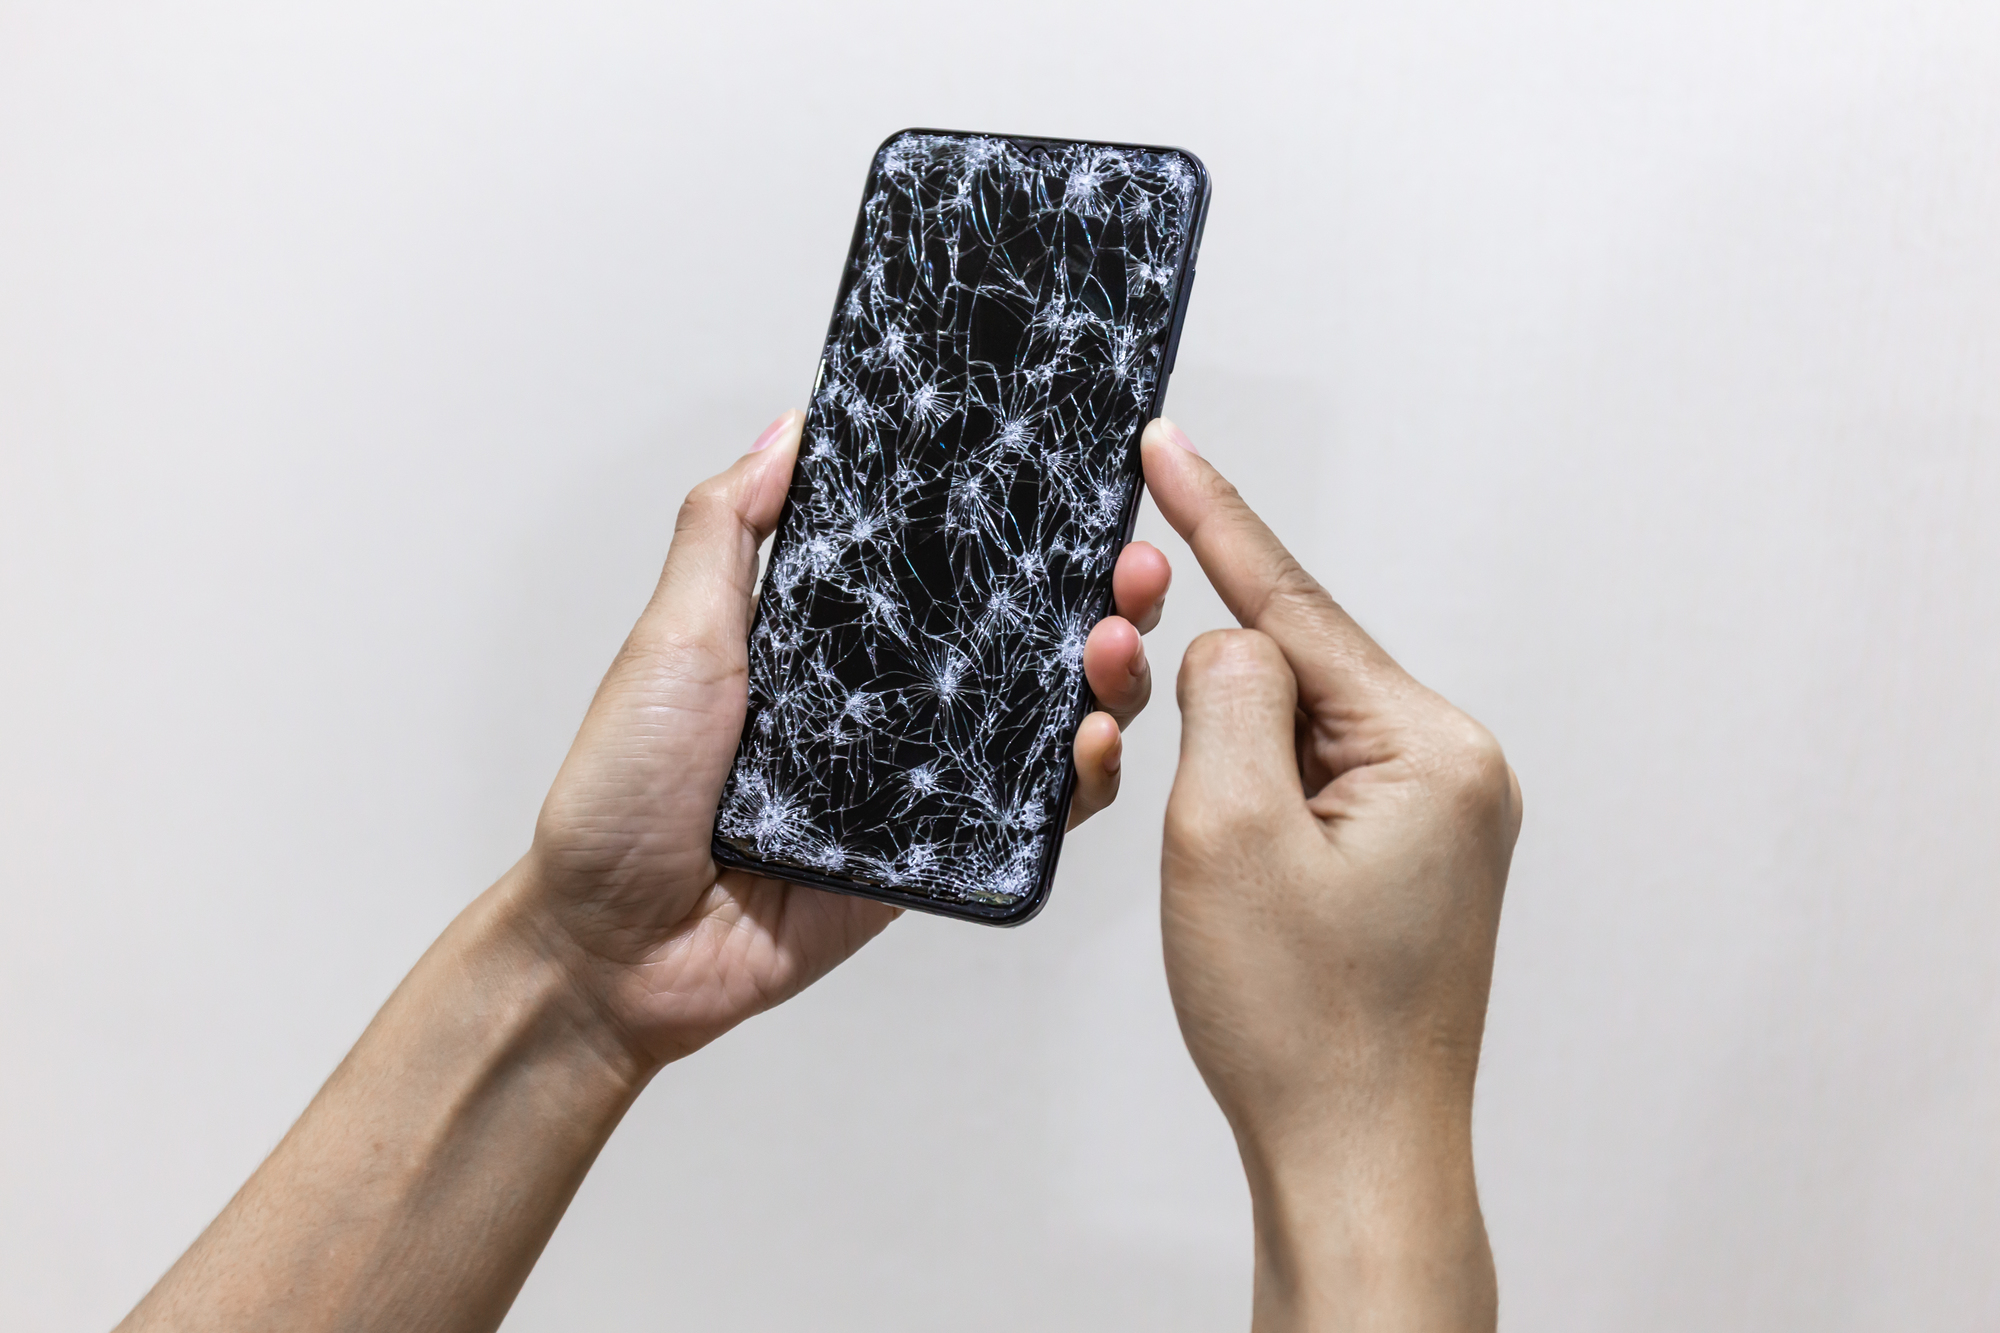 iphonemenu1